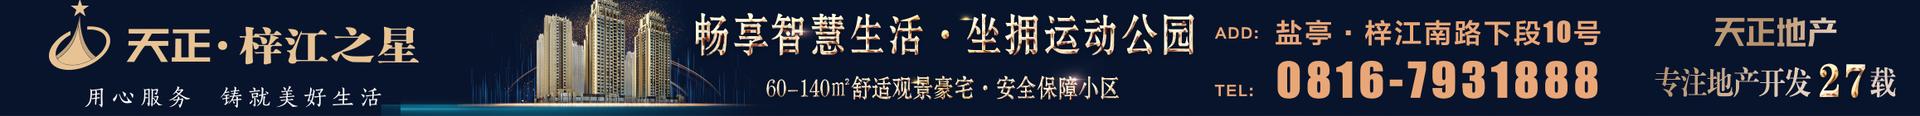 天正梓江之星